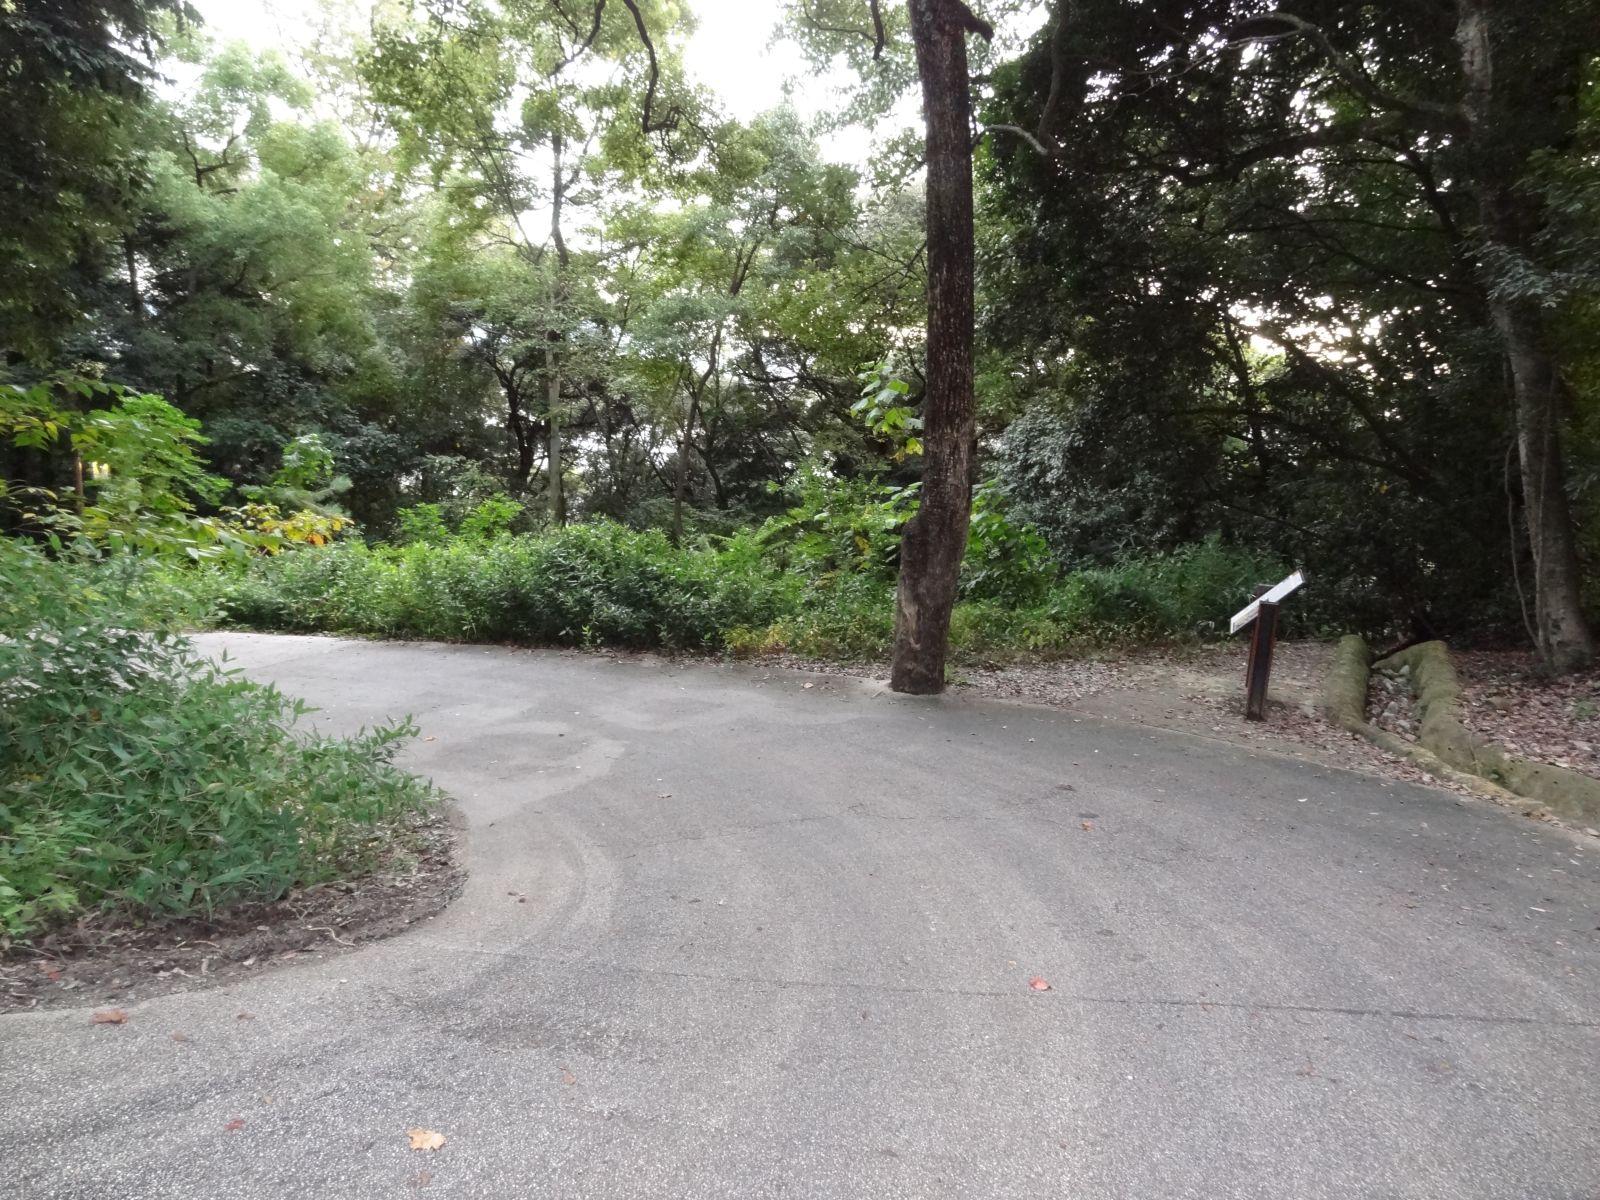 秋の松山城(県庁裏登城道)の写真です。クリックすると拡大します。